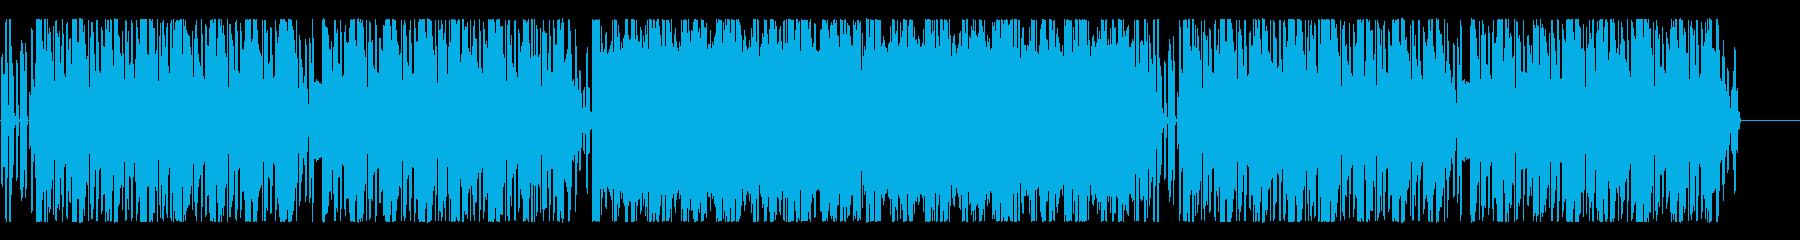 土着的なリズムと緊張感のあるHIPHOPの再生済みの波形